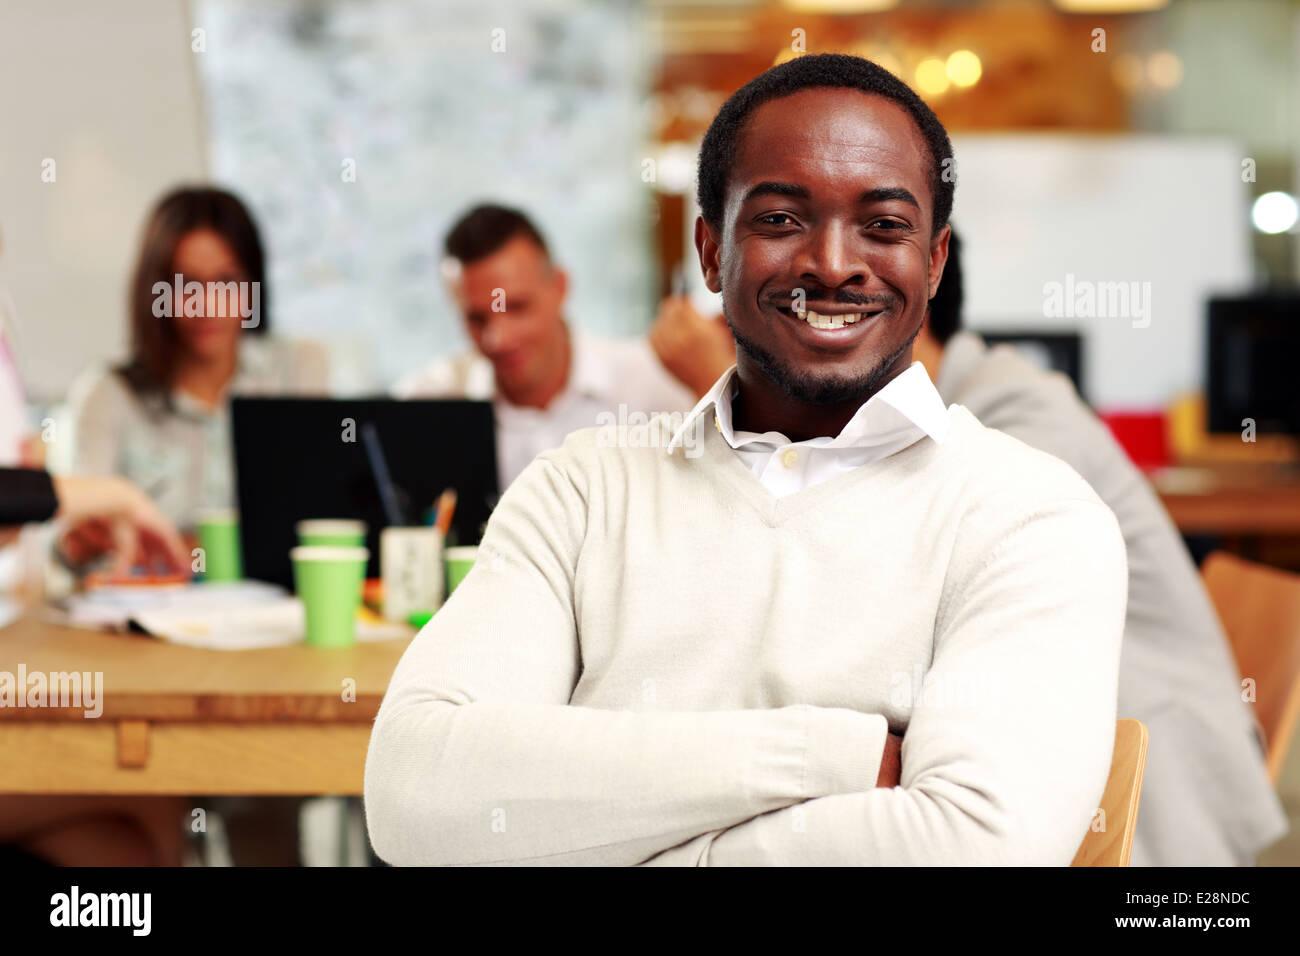 Portrait of a cheerful businessman sitting devant des collègues Photo Stock